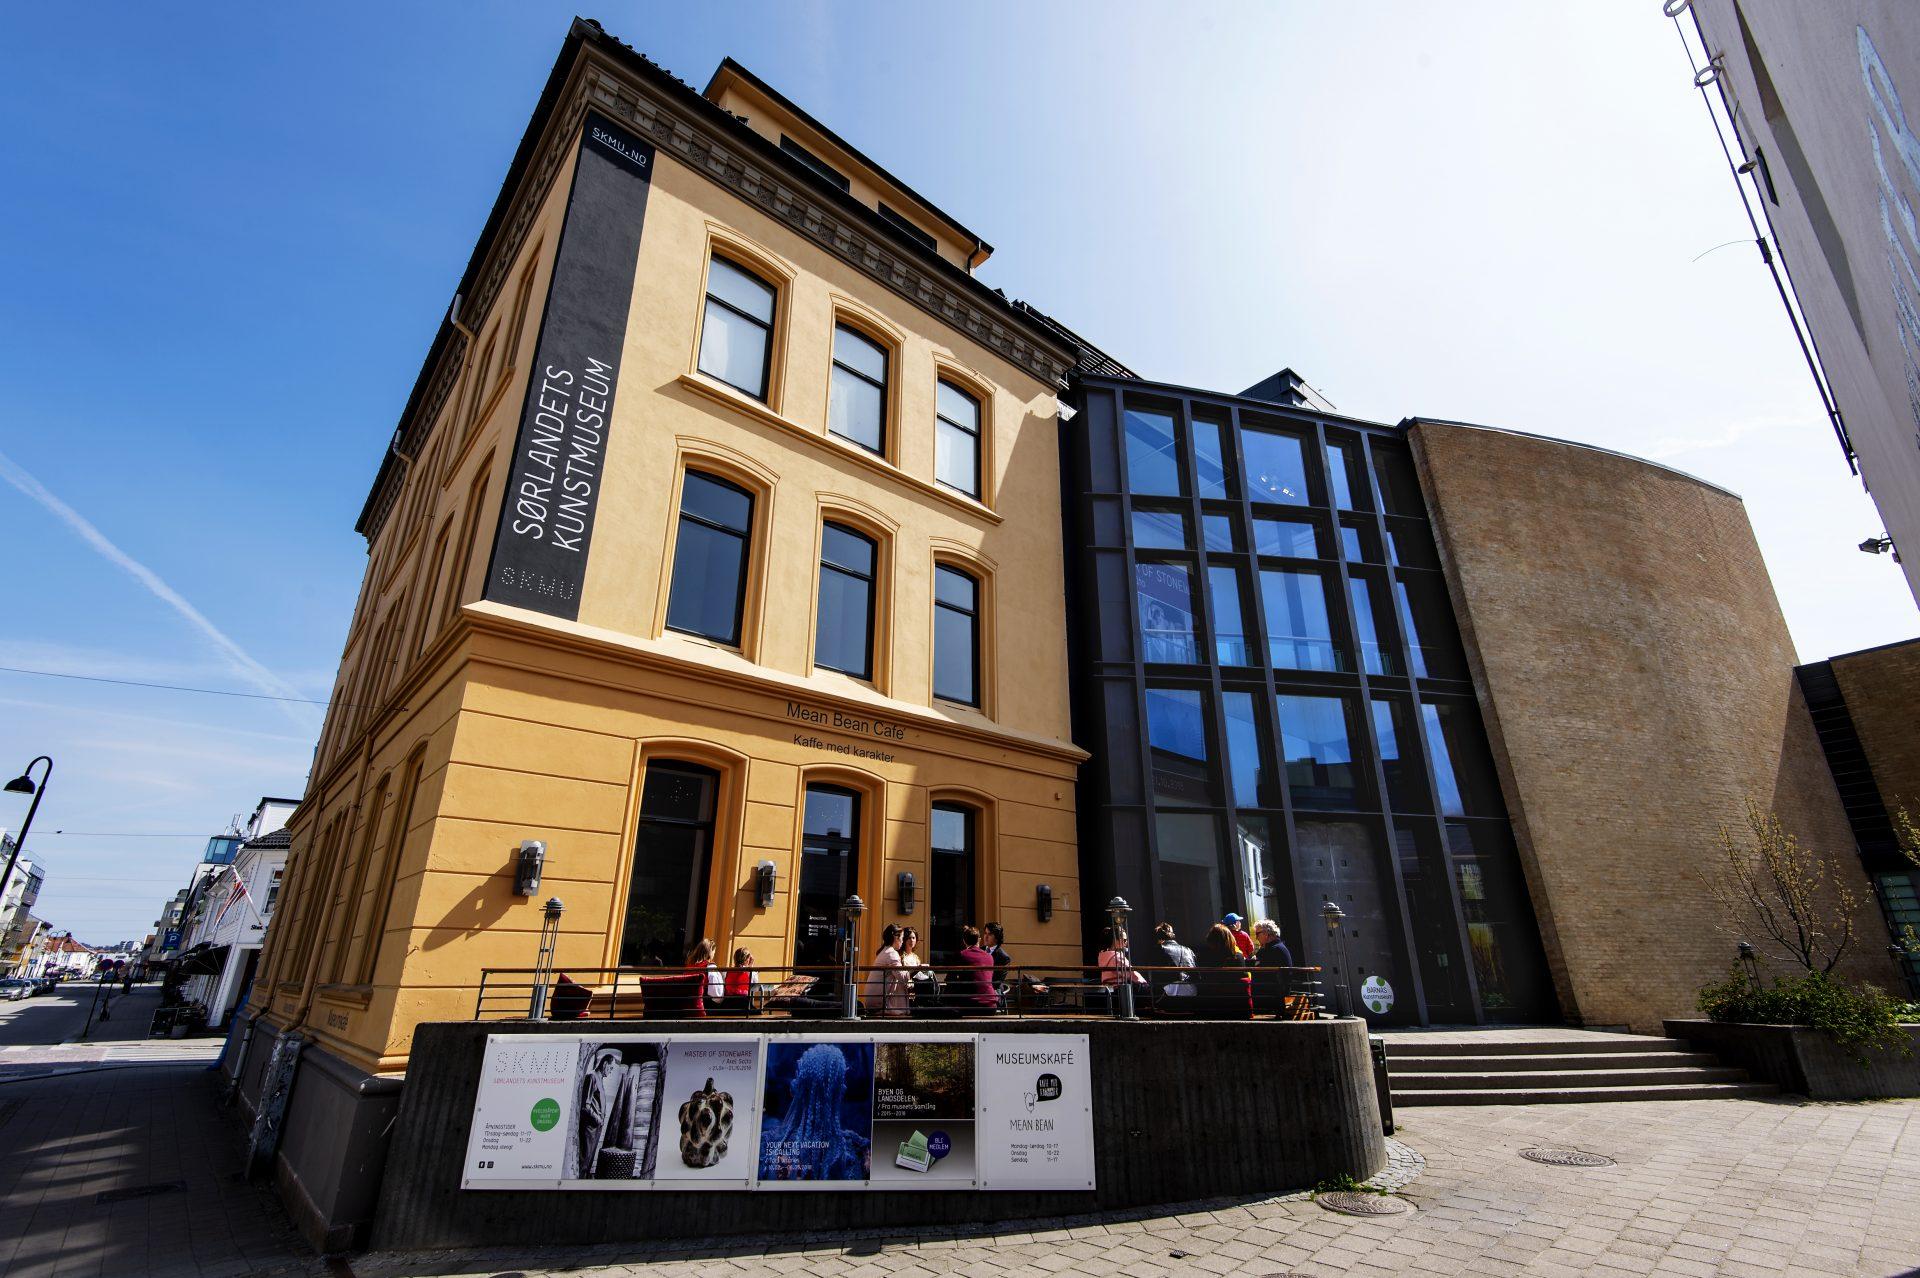 Sørlandets Kunstmuseum Hva skjer i Kristiansand? Familieverksted hver helg. Alltid noe å finne på.